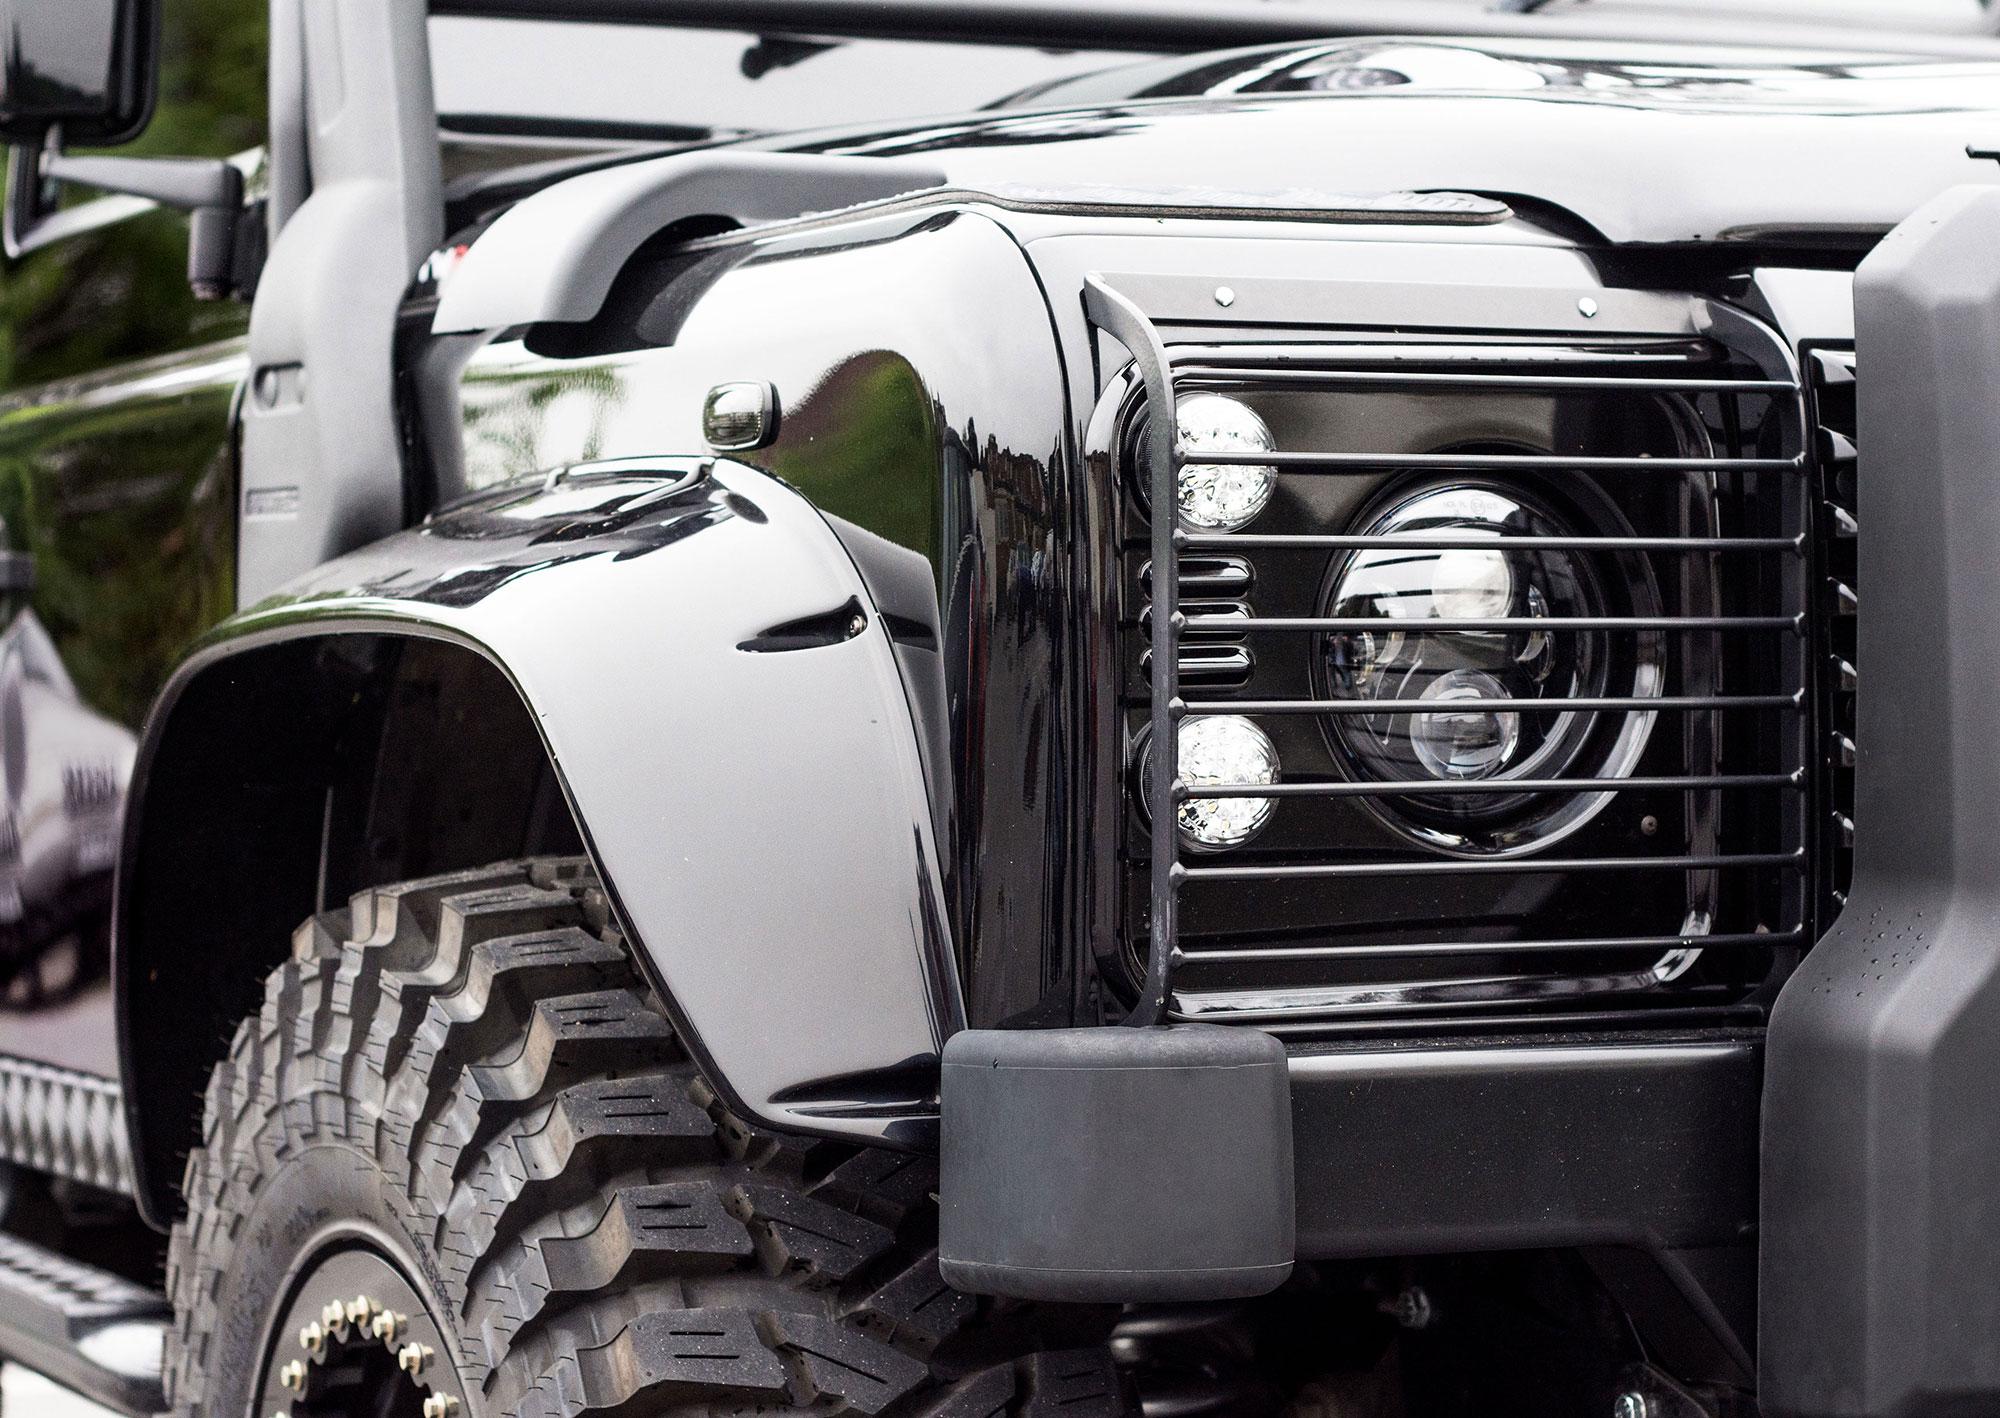 land rover defender 90 110 130 tweaked spectre edition tweaked automotive. Black Bedroom Furniture Sets. Home Design Ideas